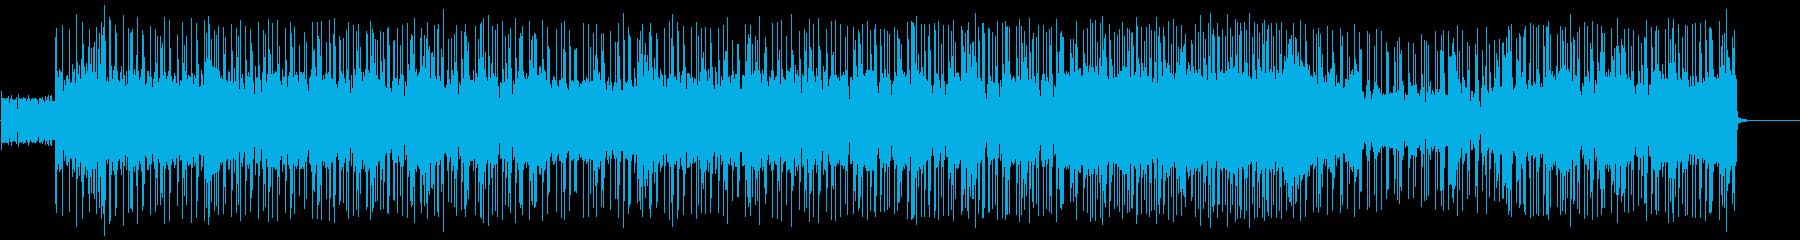 かっこいいファンクロックBGMの再生済みの波形